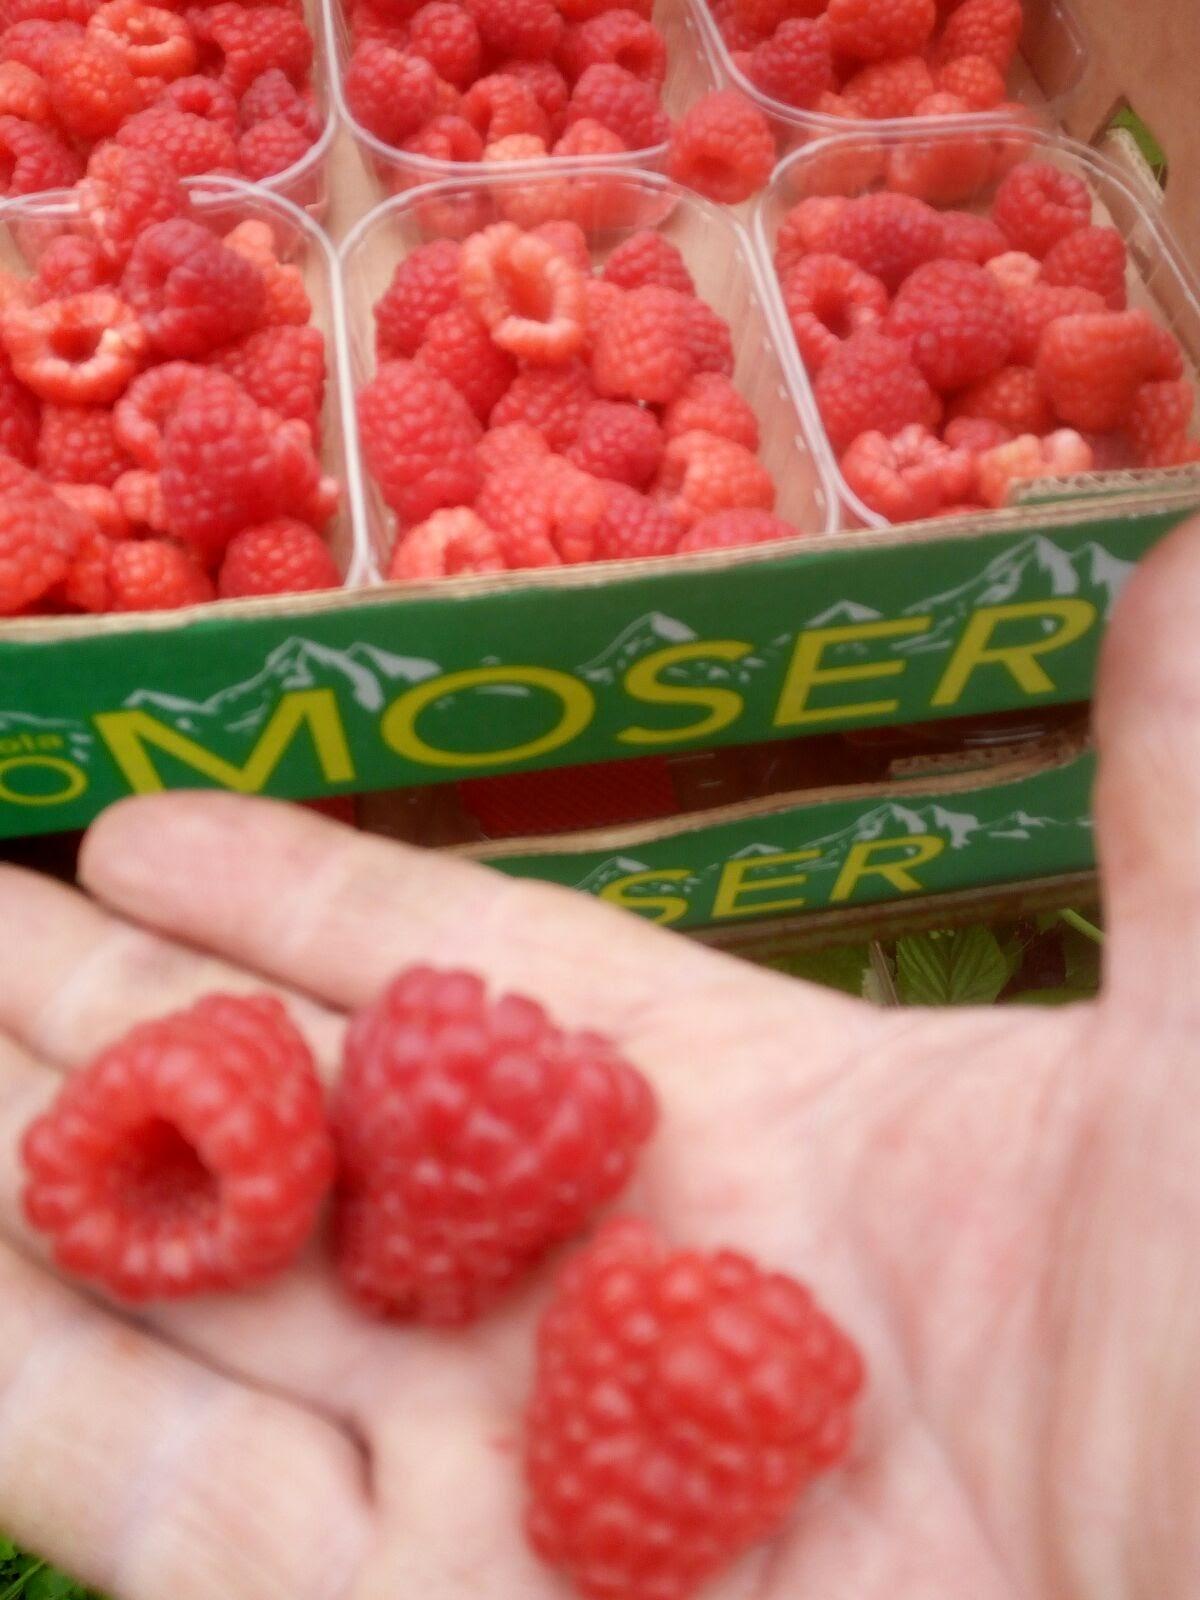 Come Coltivare I Lamponi vendita online frutti di bosco - lamponi - maso moser